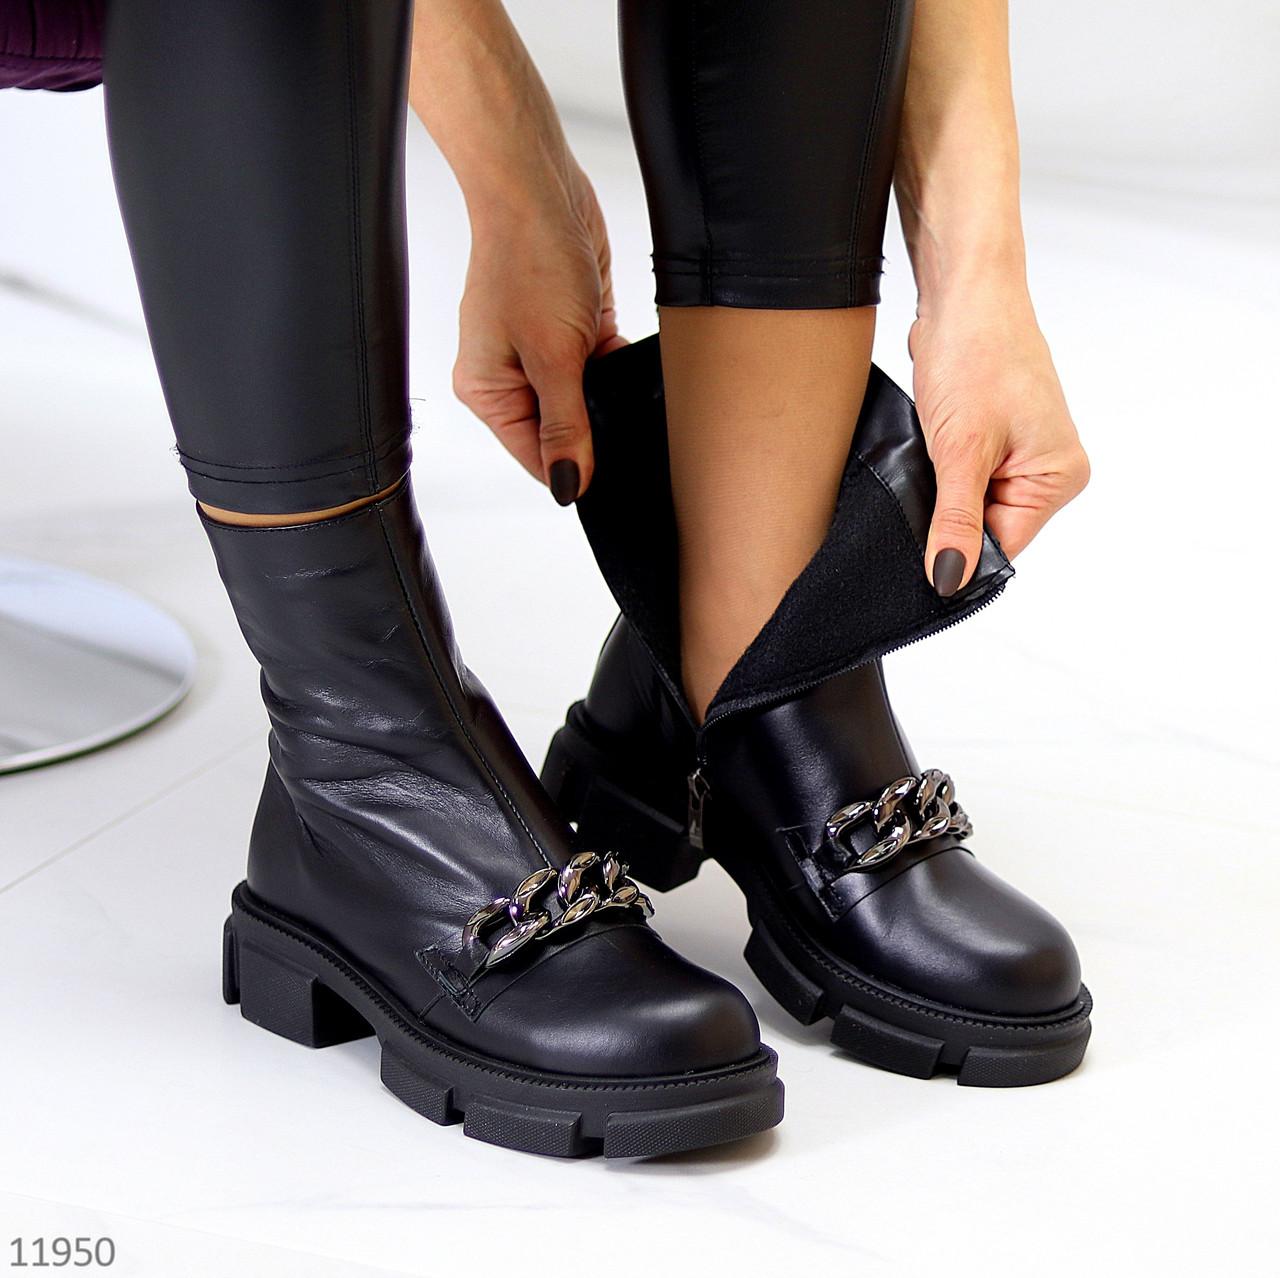 Ультра модні шкіряні чорні високі жіночі чоботи натуральна шкіра